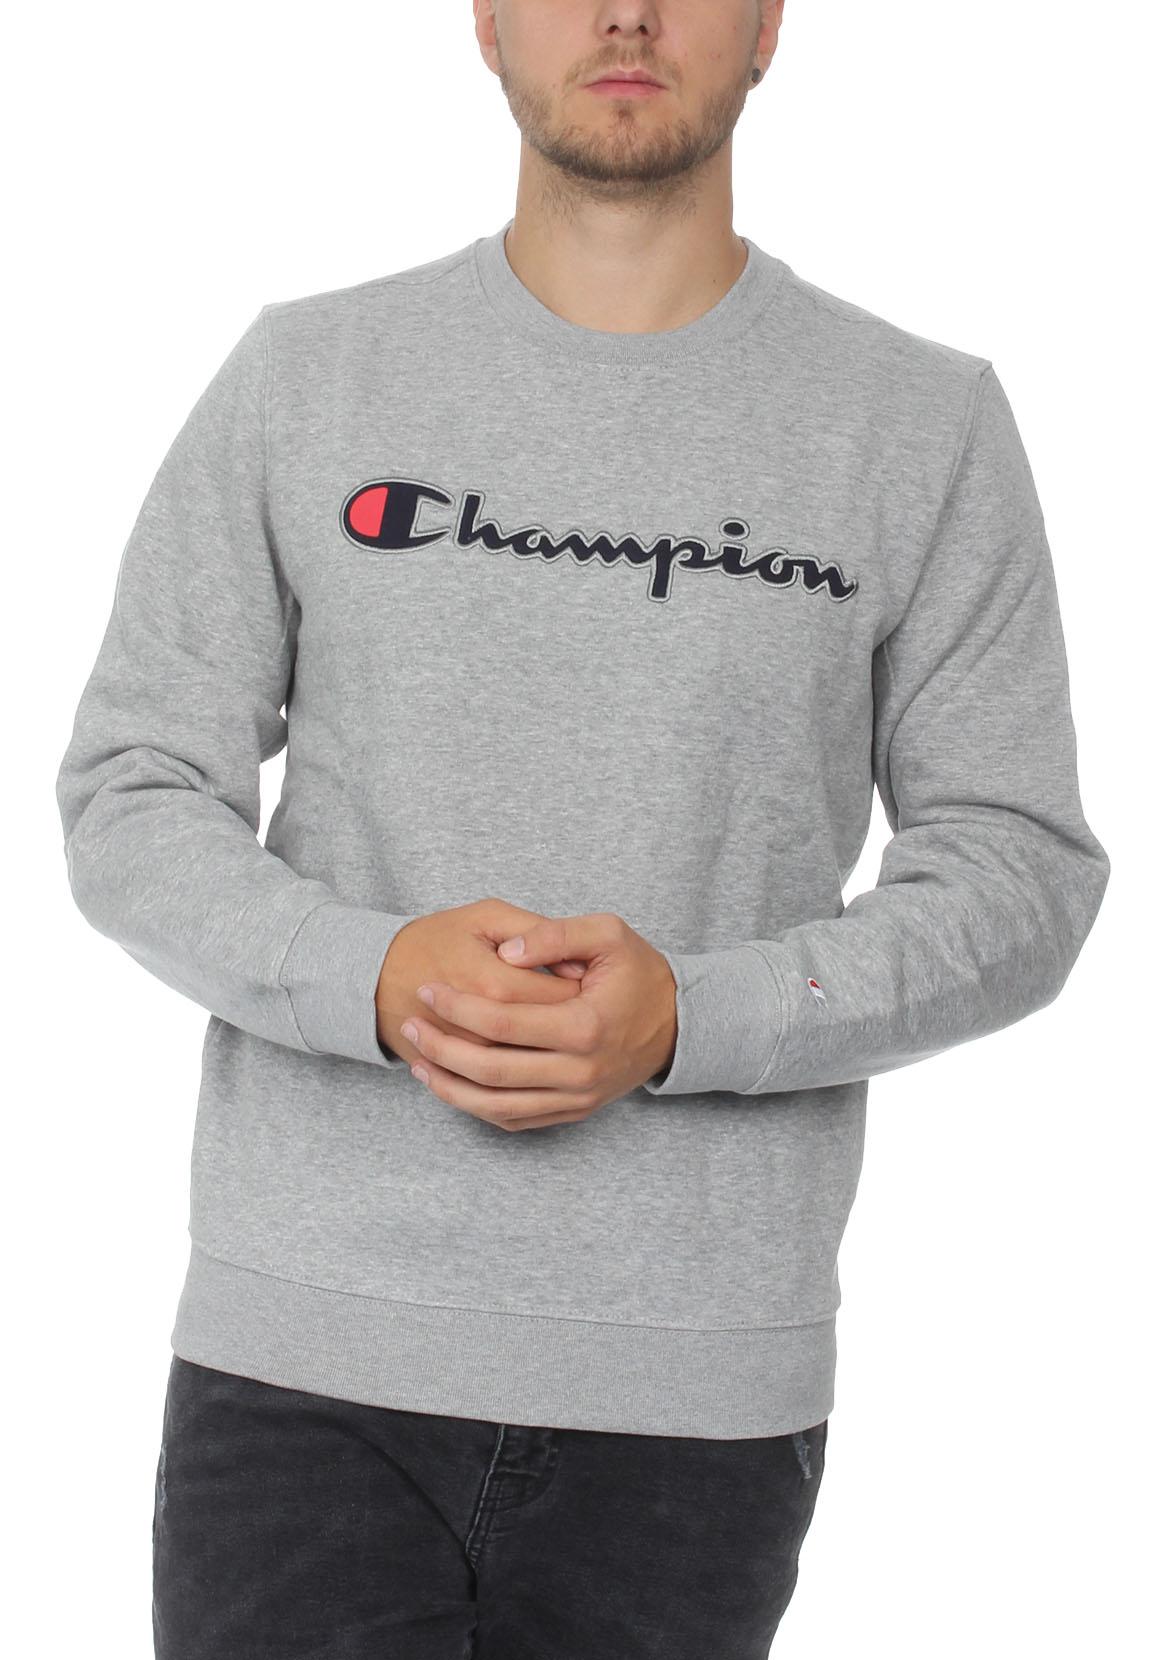 Détails sur Champion Sweat shirt homme 212067 f18 em006 oxgm Gris afficher le titre d'origine